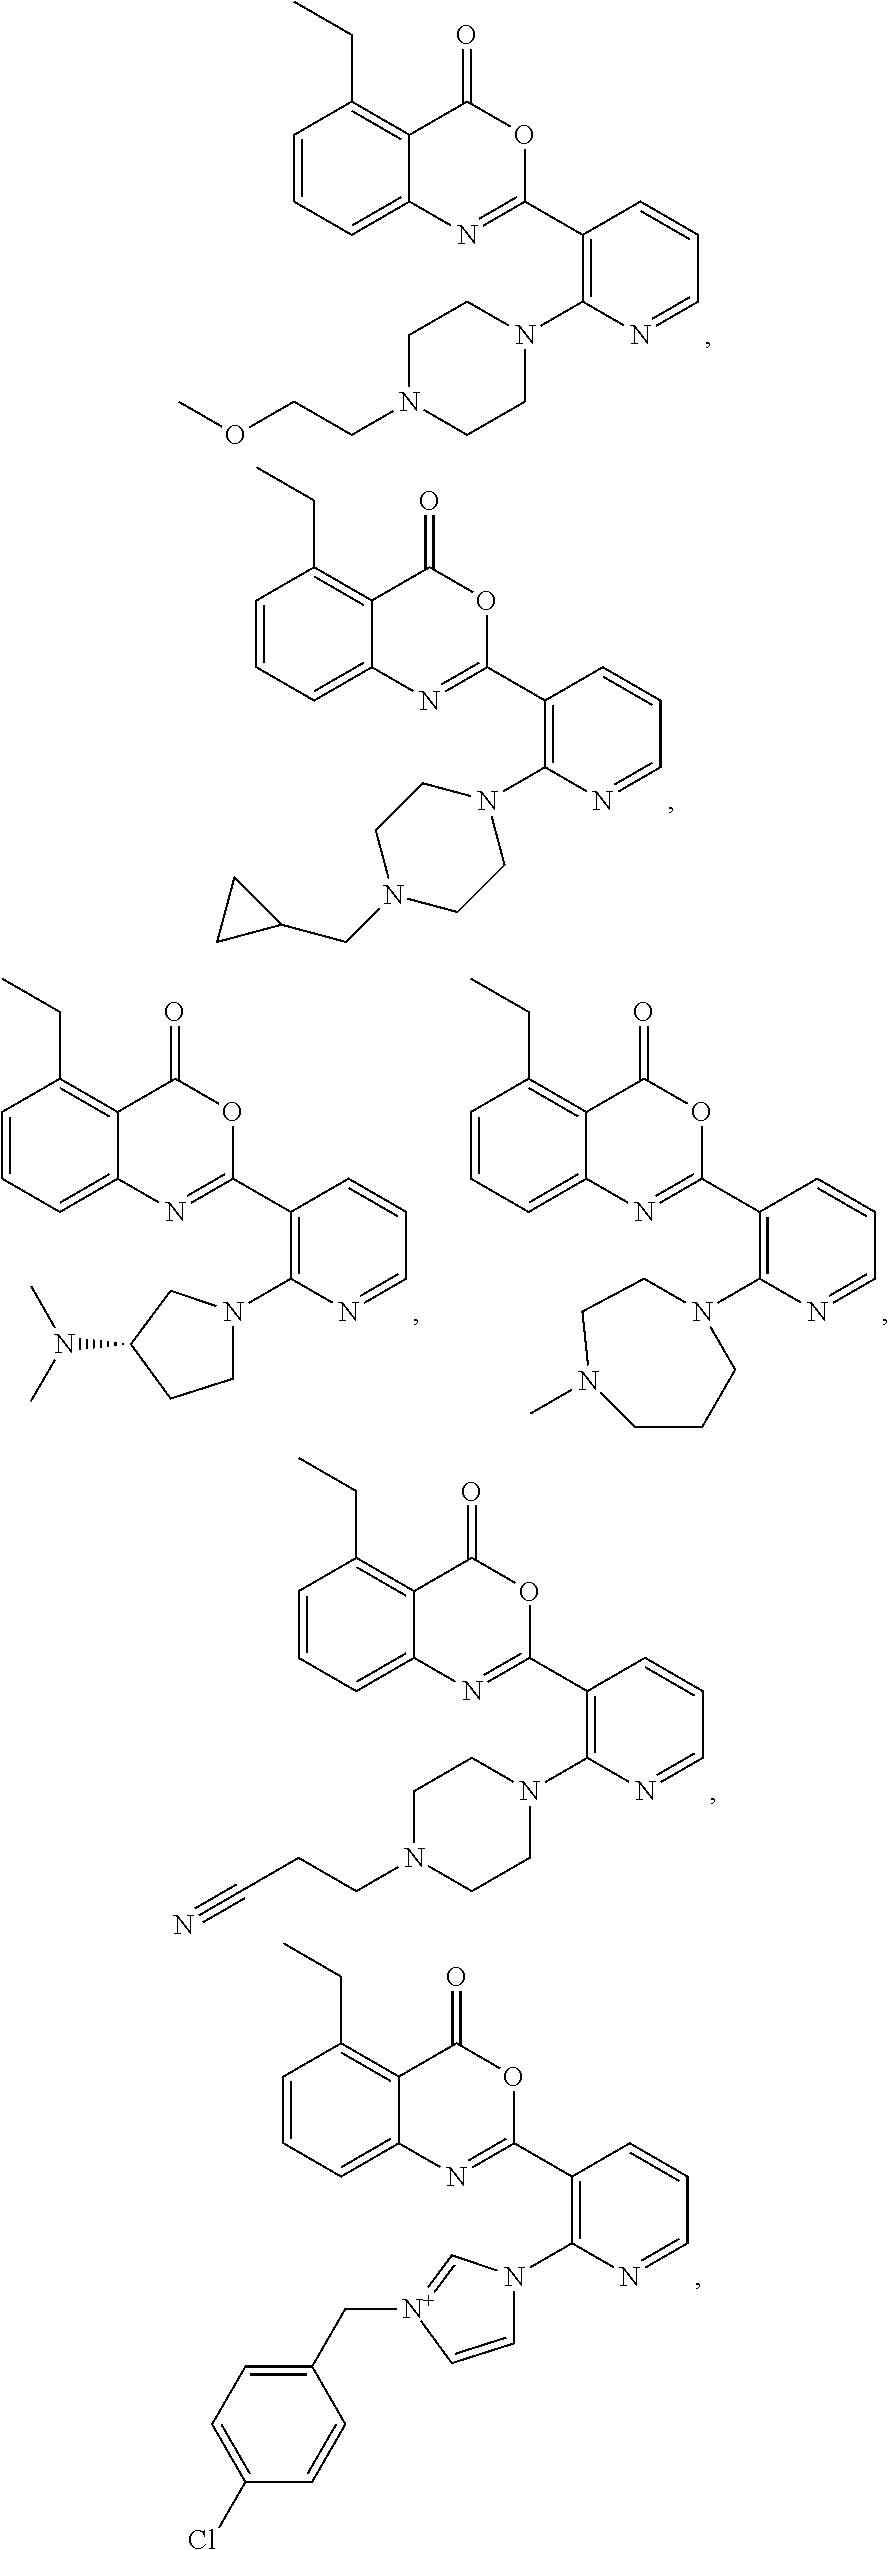 Figure US07879846-20110201-C00389